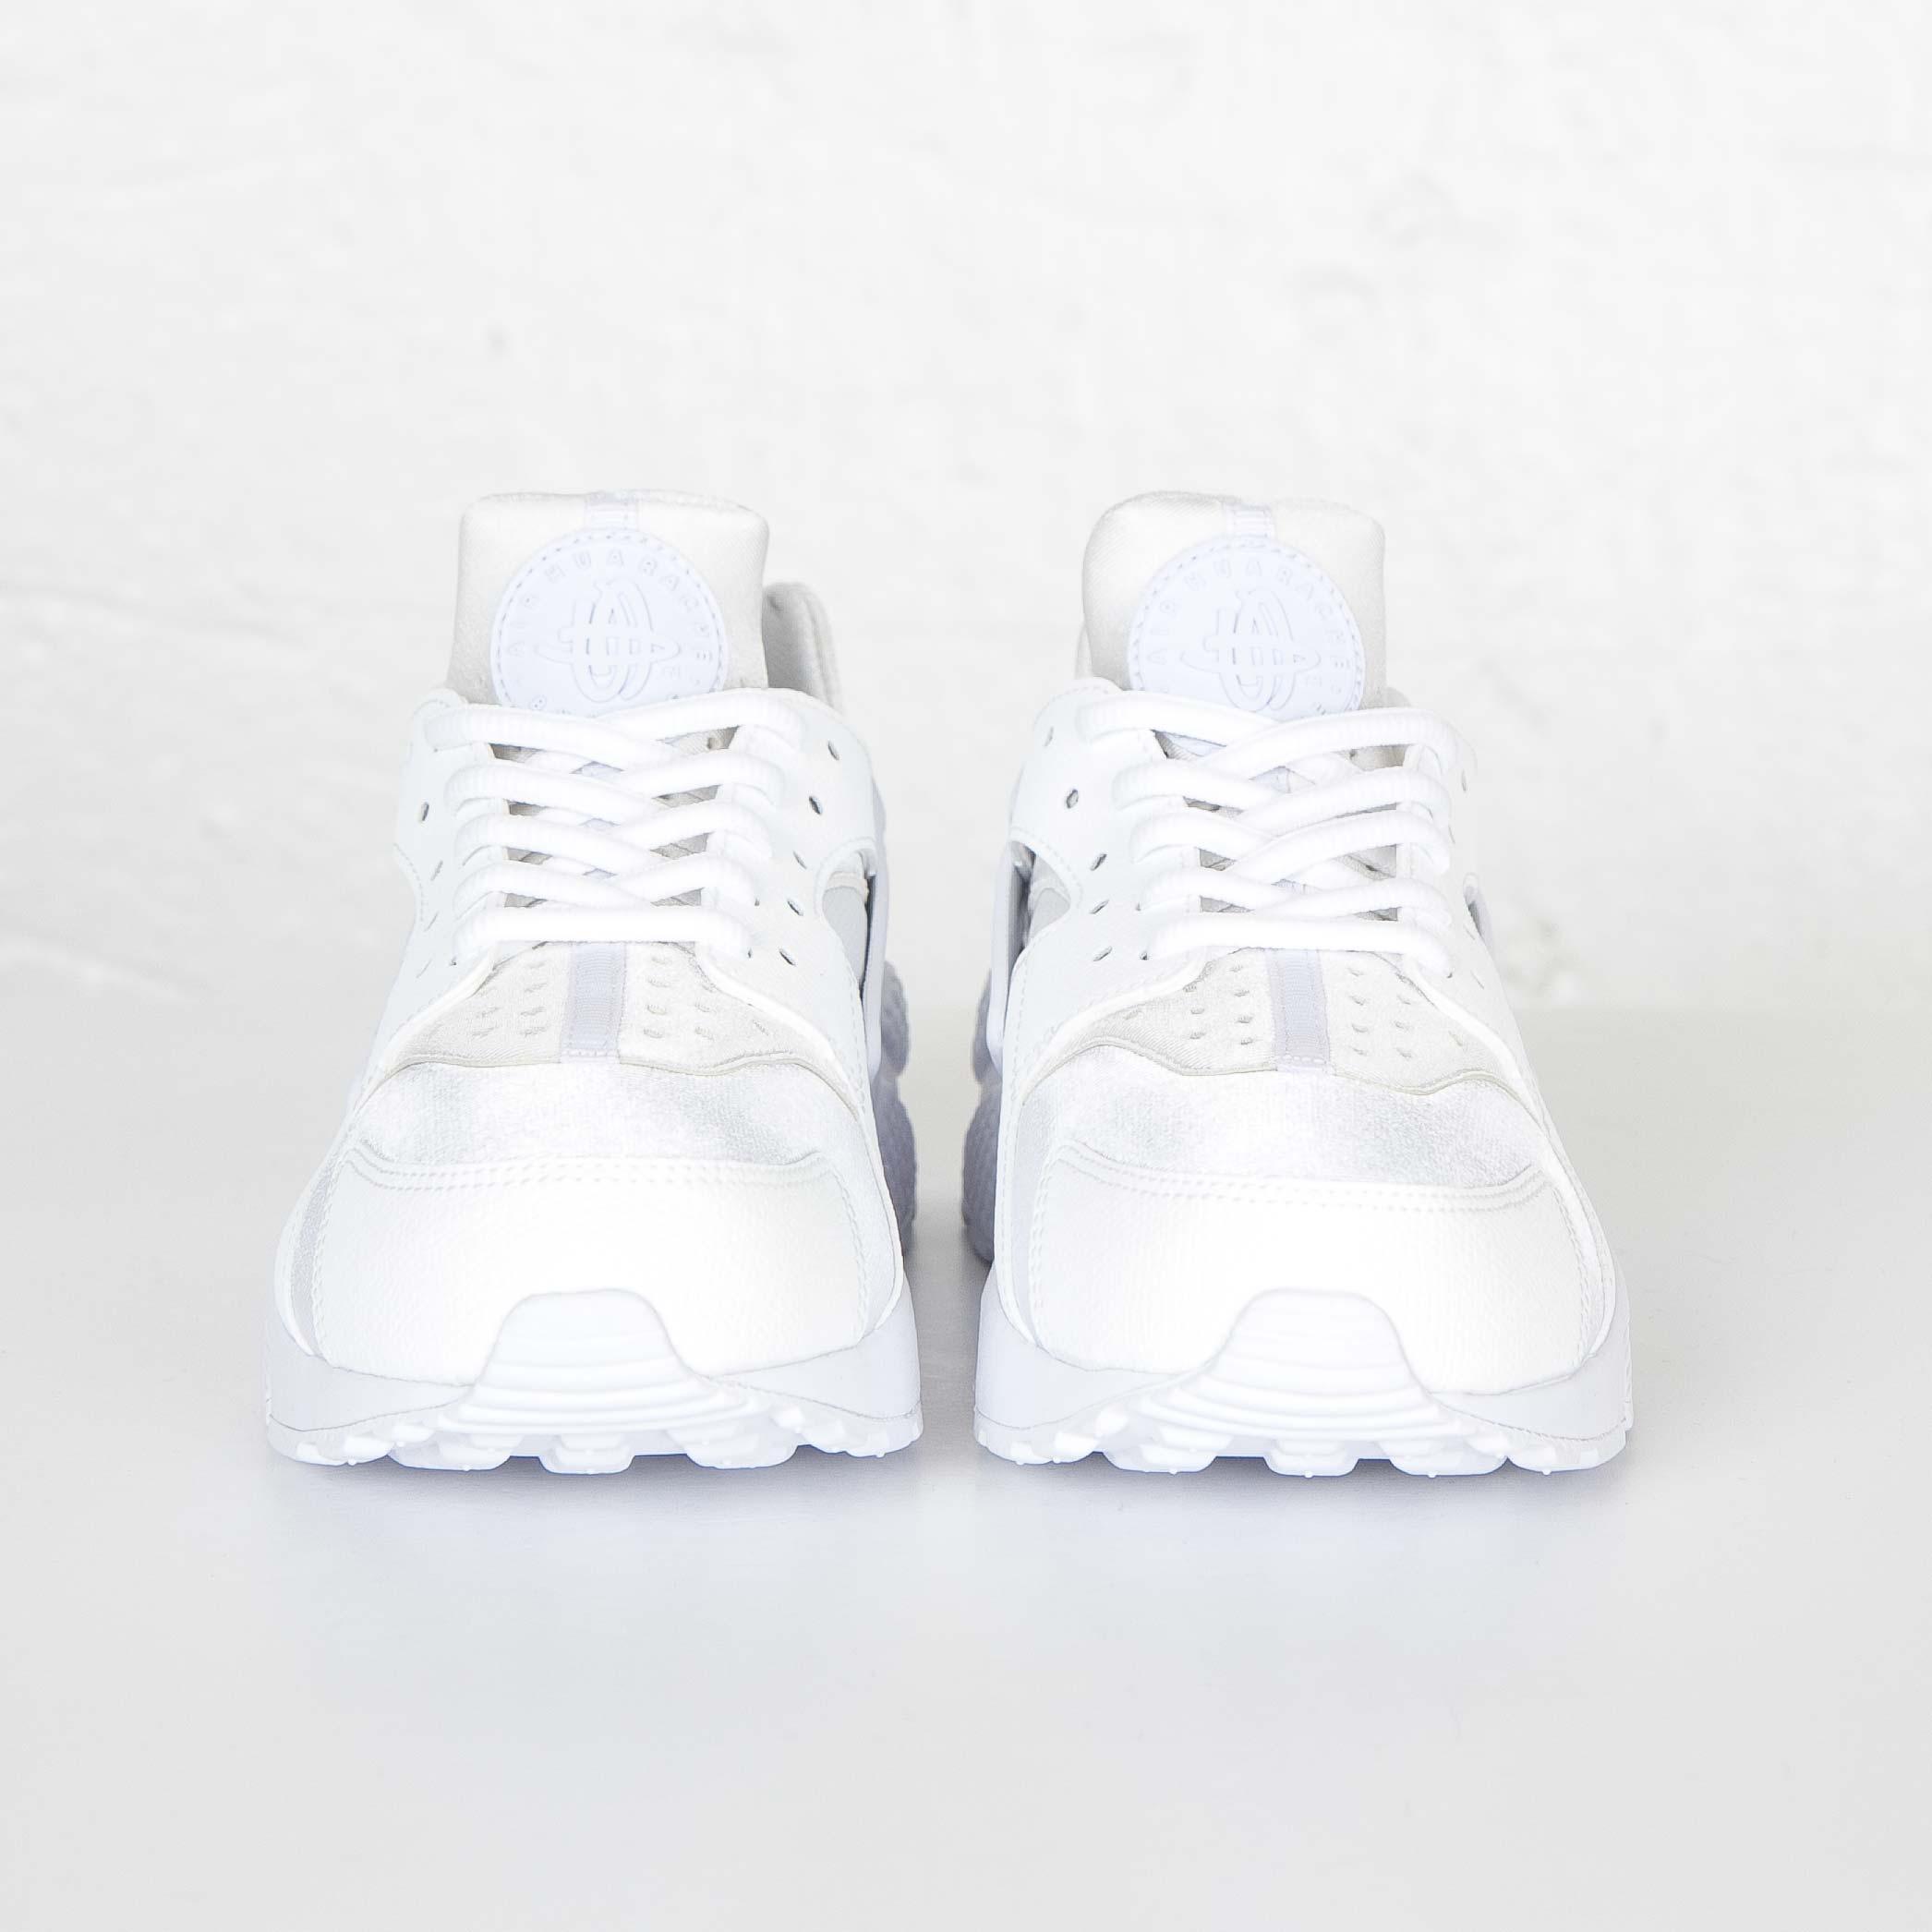 buy popular 4a18d 5f137 Nike Wmns Air Huarache Run - 634835-108 - Sneakersnstuff   sneakers    streetwear online since 1999